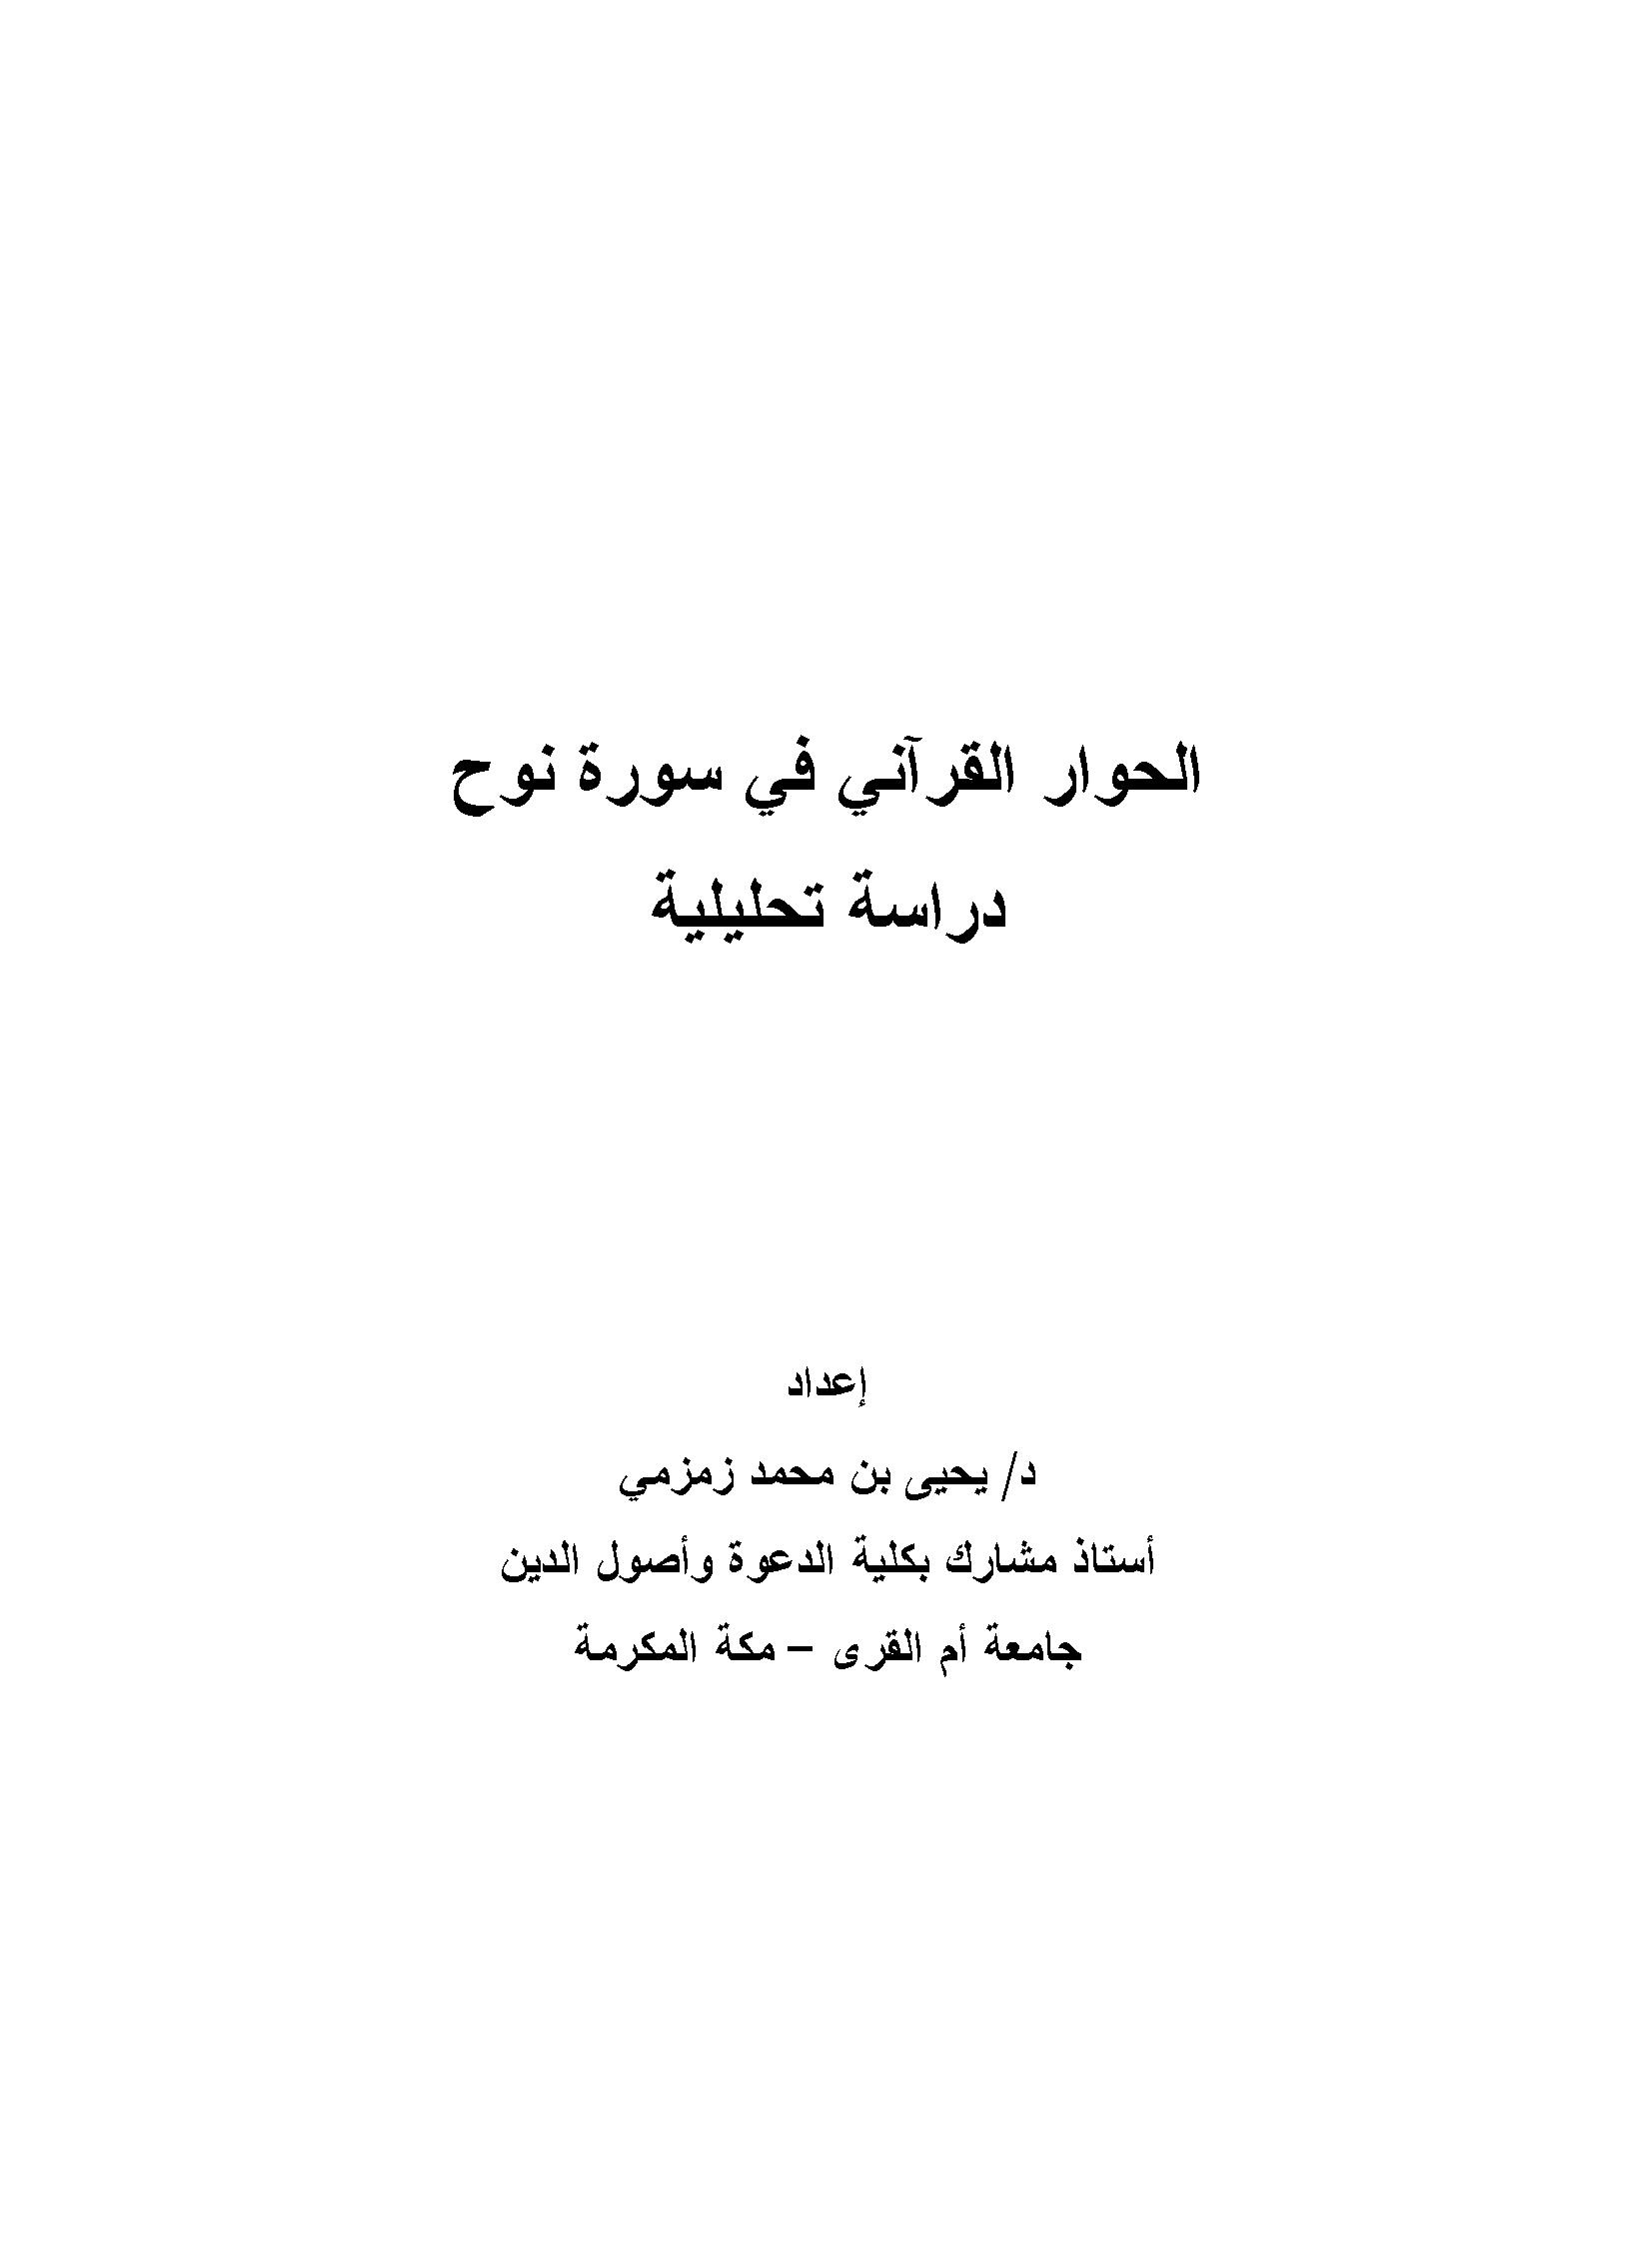 تحميل كتاب الحوار القرآني في سورة نوح (دراسة تحليلية) لـِ: الدكتور يحيى بن محمد حسن زمزمي